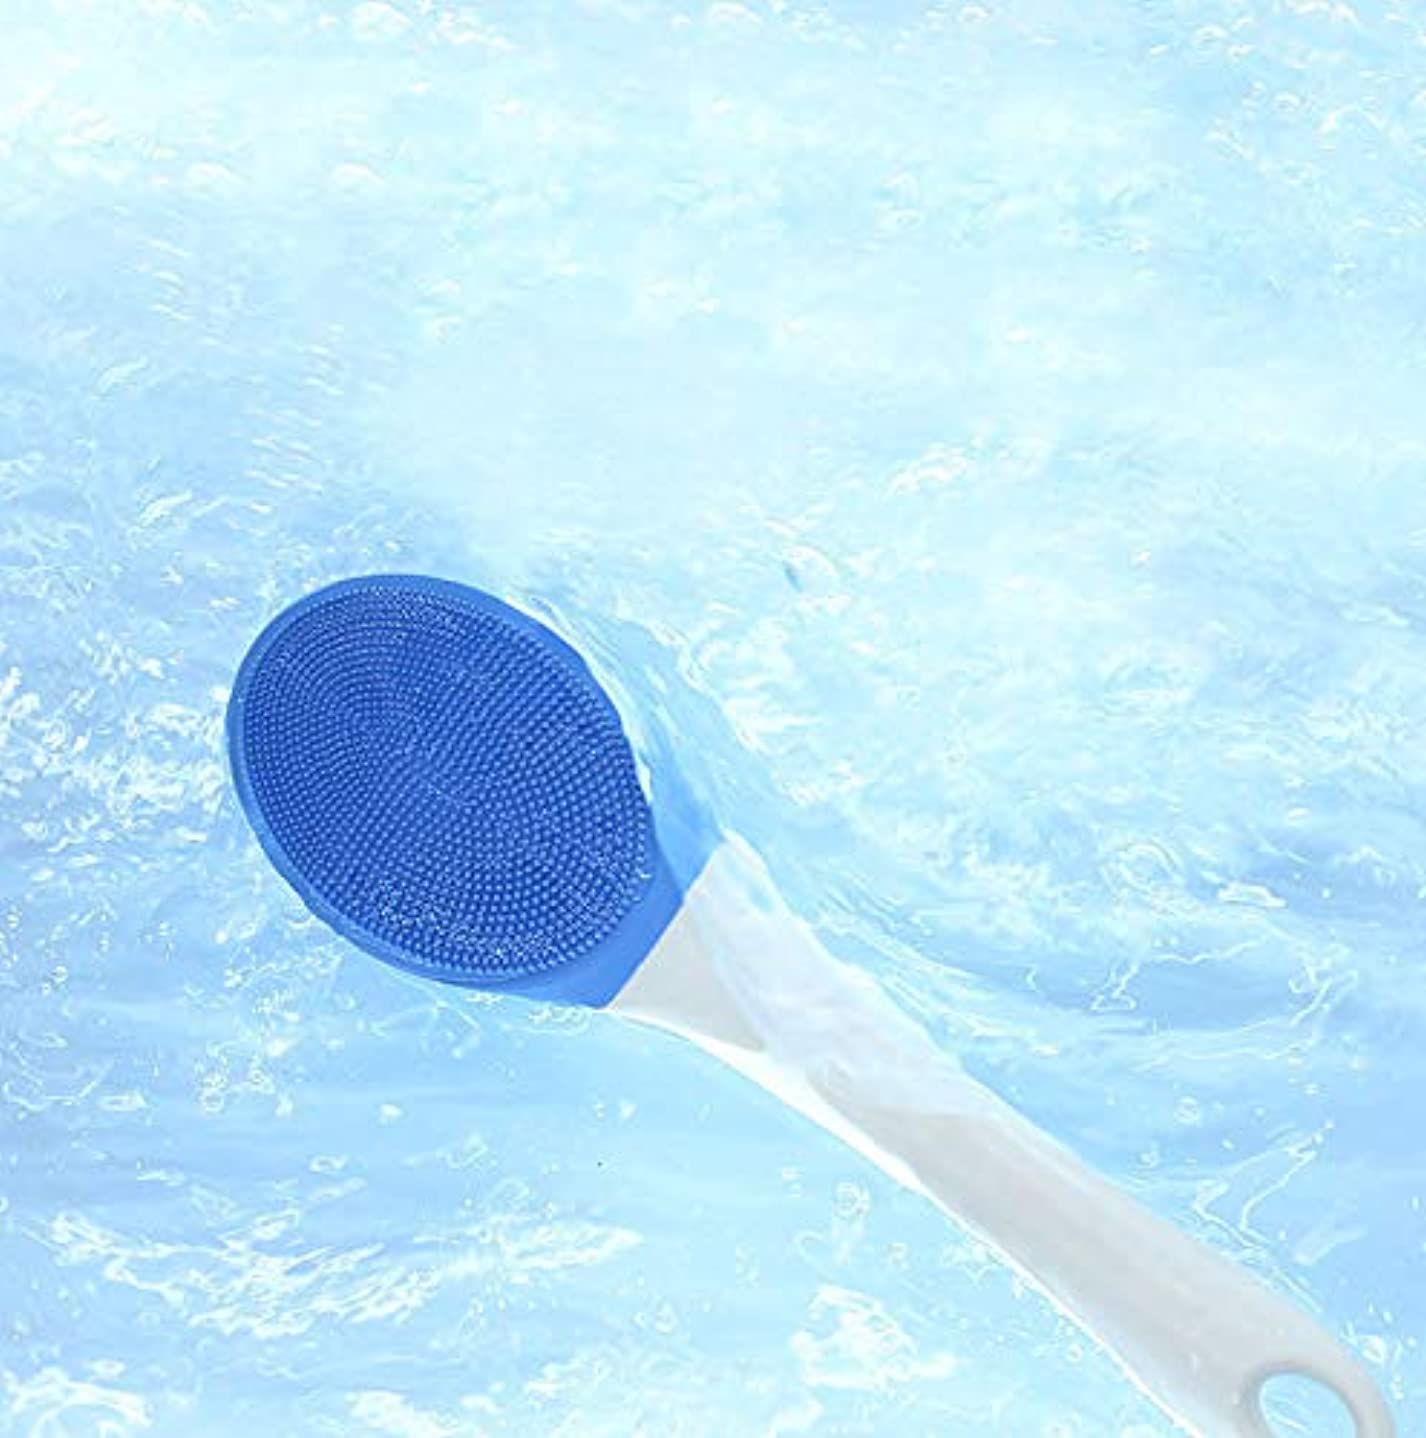 保証森林コンサルタント電気バスブラシ、防水ボディ、洗顔ブラシロングハンドルソニック電動スクラバーディープクリーニング用3スピード調整可能なパルス振動,Blue